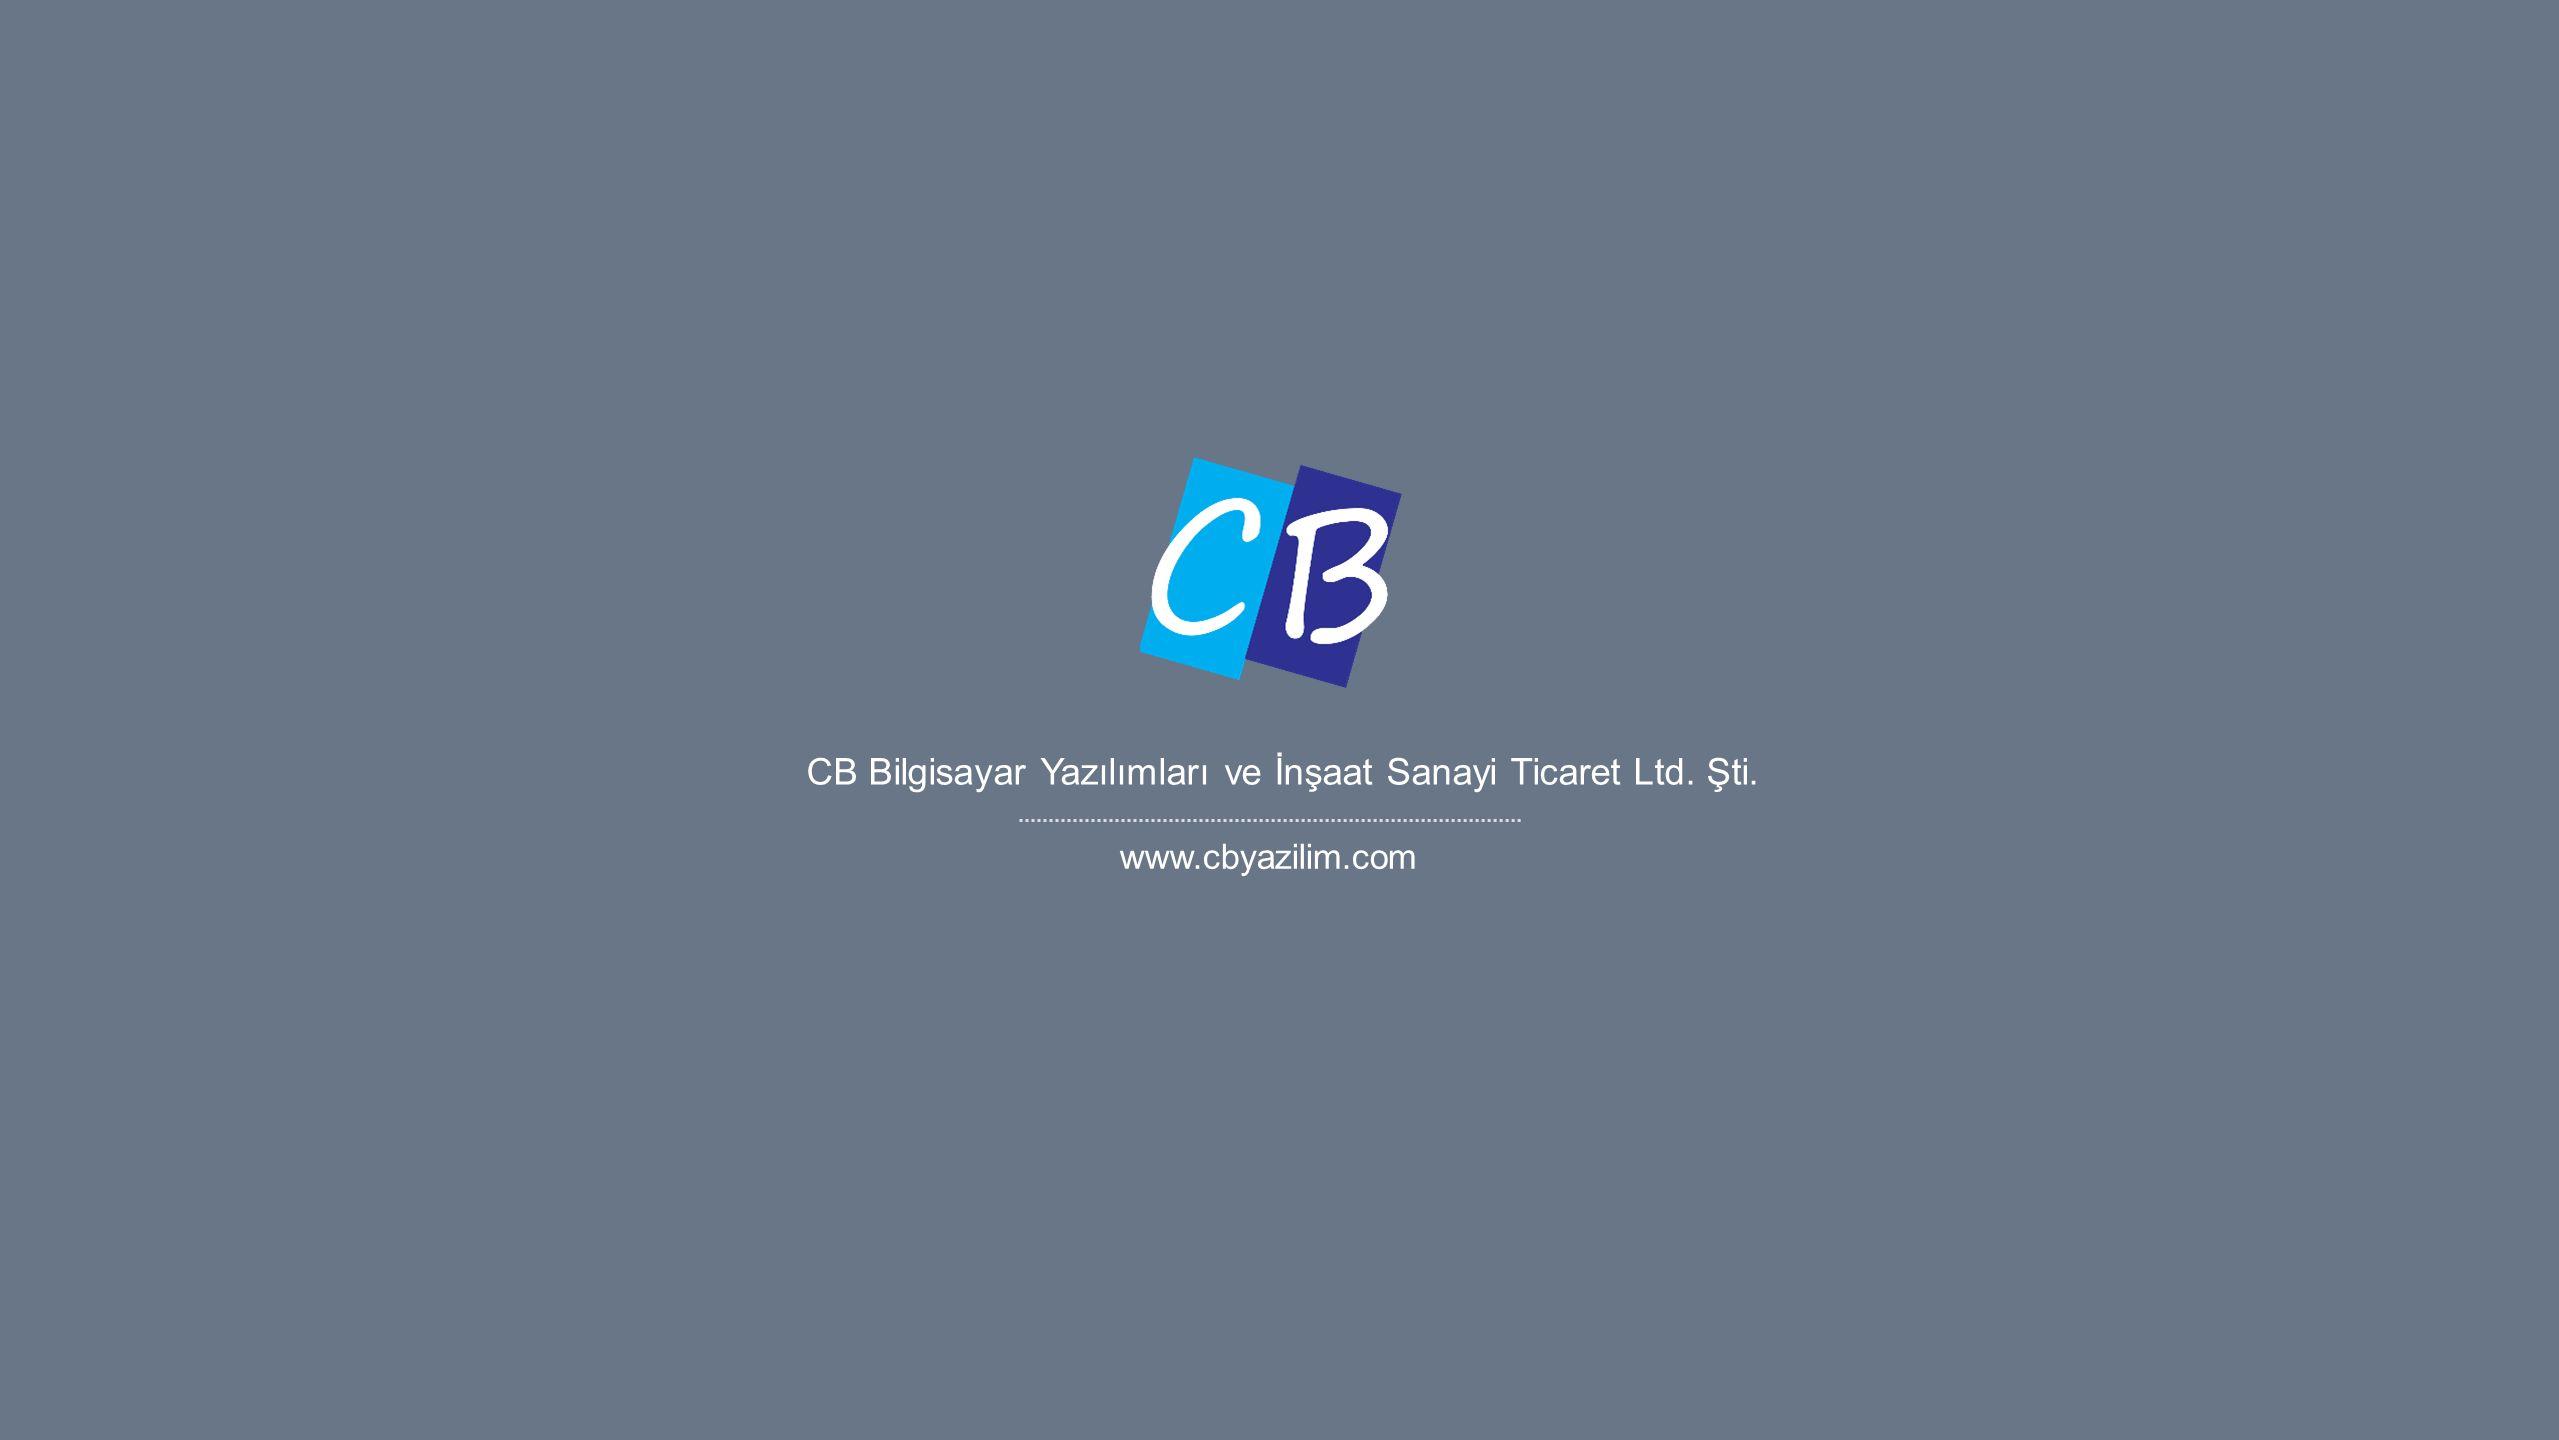 CB Bilgisayar Yazılımları ve İnşaat Sanayi Ticaret Ltd. Şti.